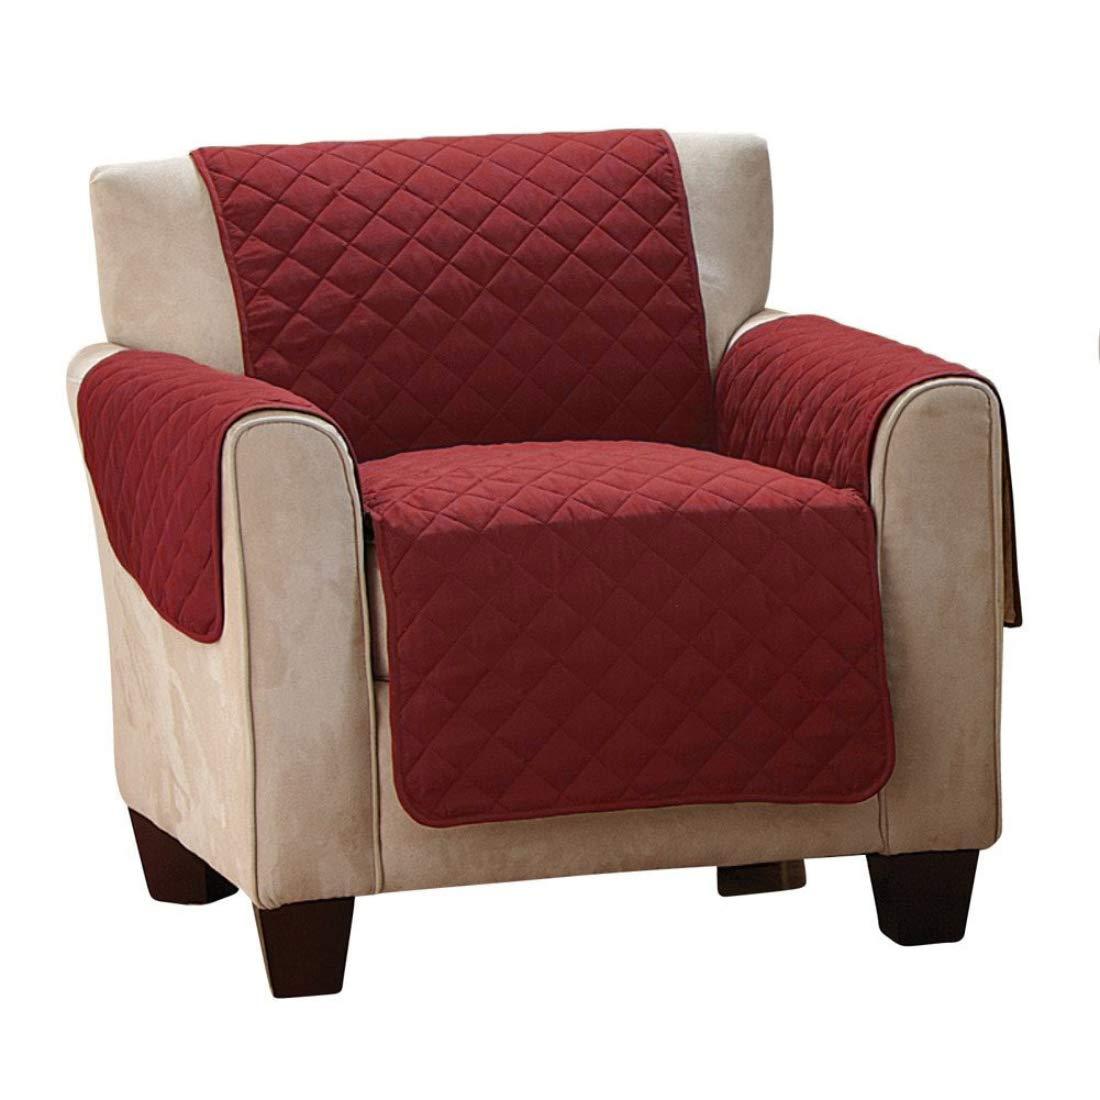 ETERNALOVE copridivano imbottita Protegge divano impermeabile antidéparant per animali domestici Protettivo Mobili MATELASSE copertina di sedia/sedia per cane/gatto, beige, 2 Places - 116 * 180cm